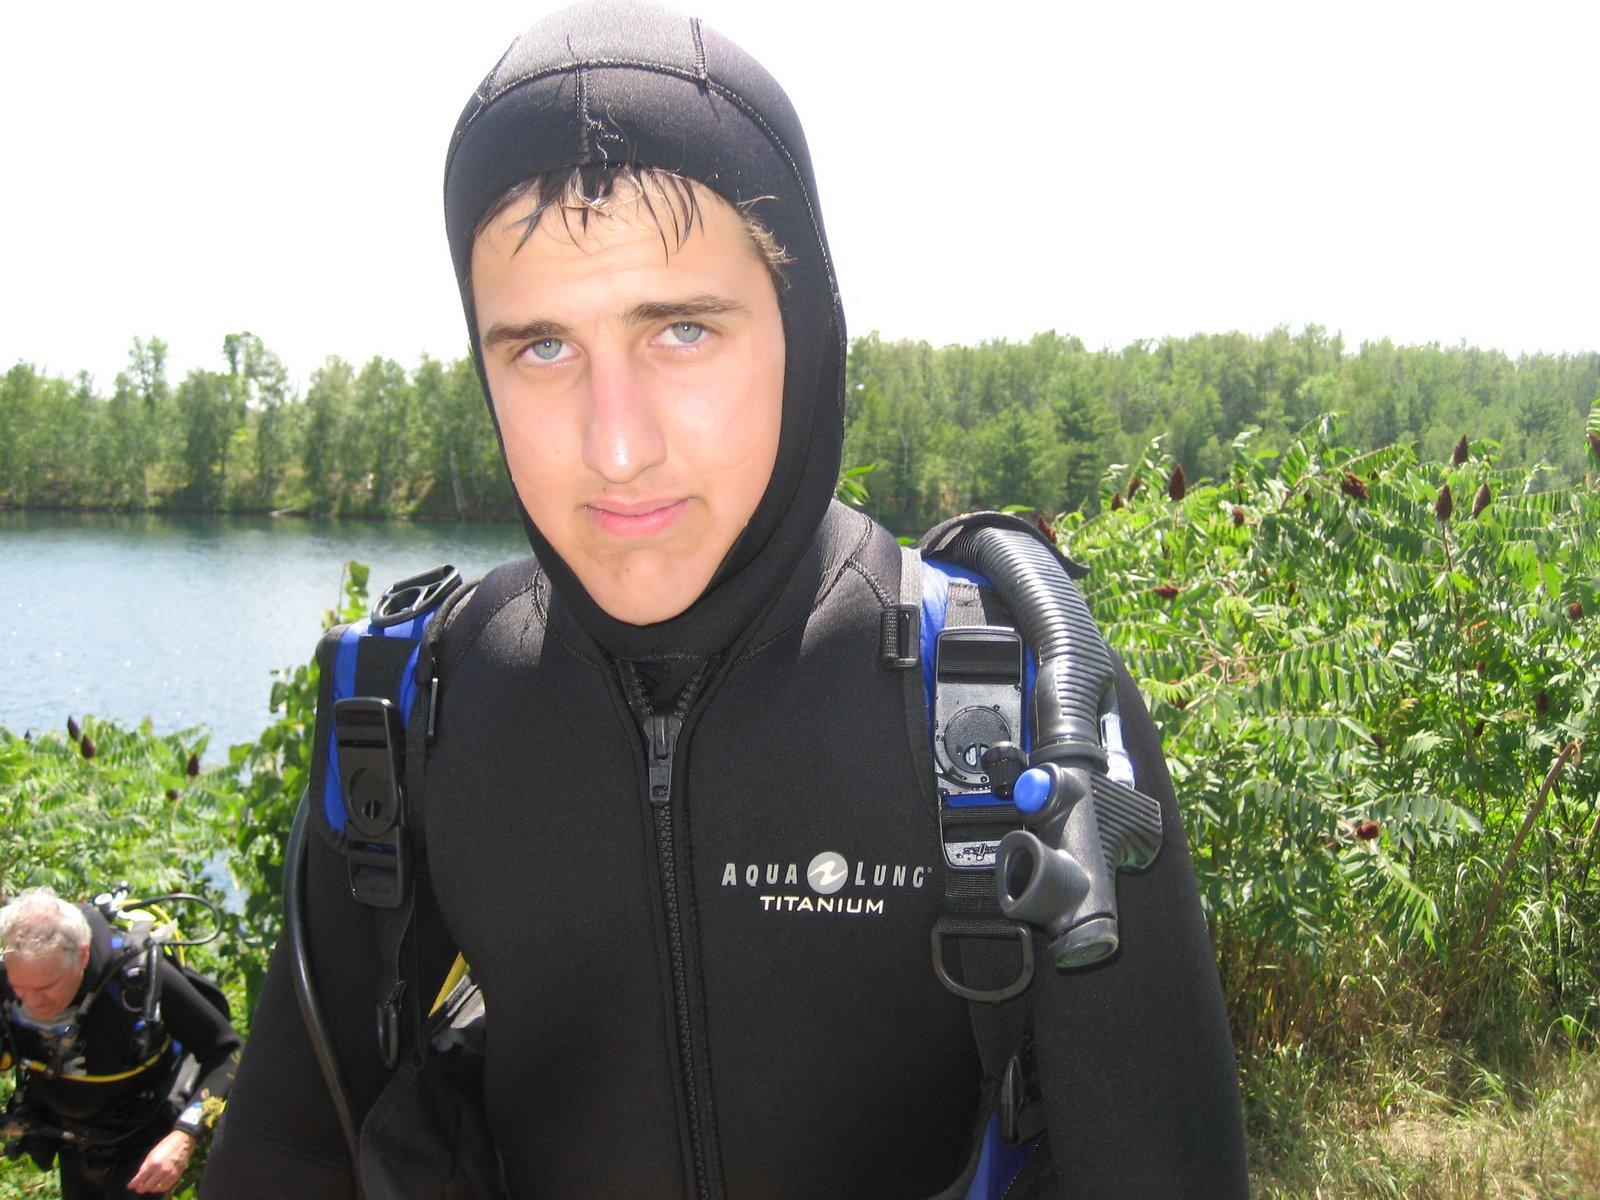 [Ben+Diving.JPG]